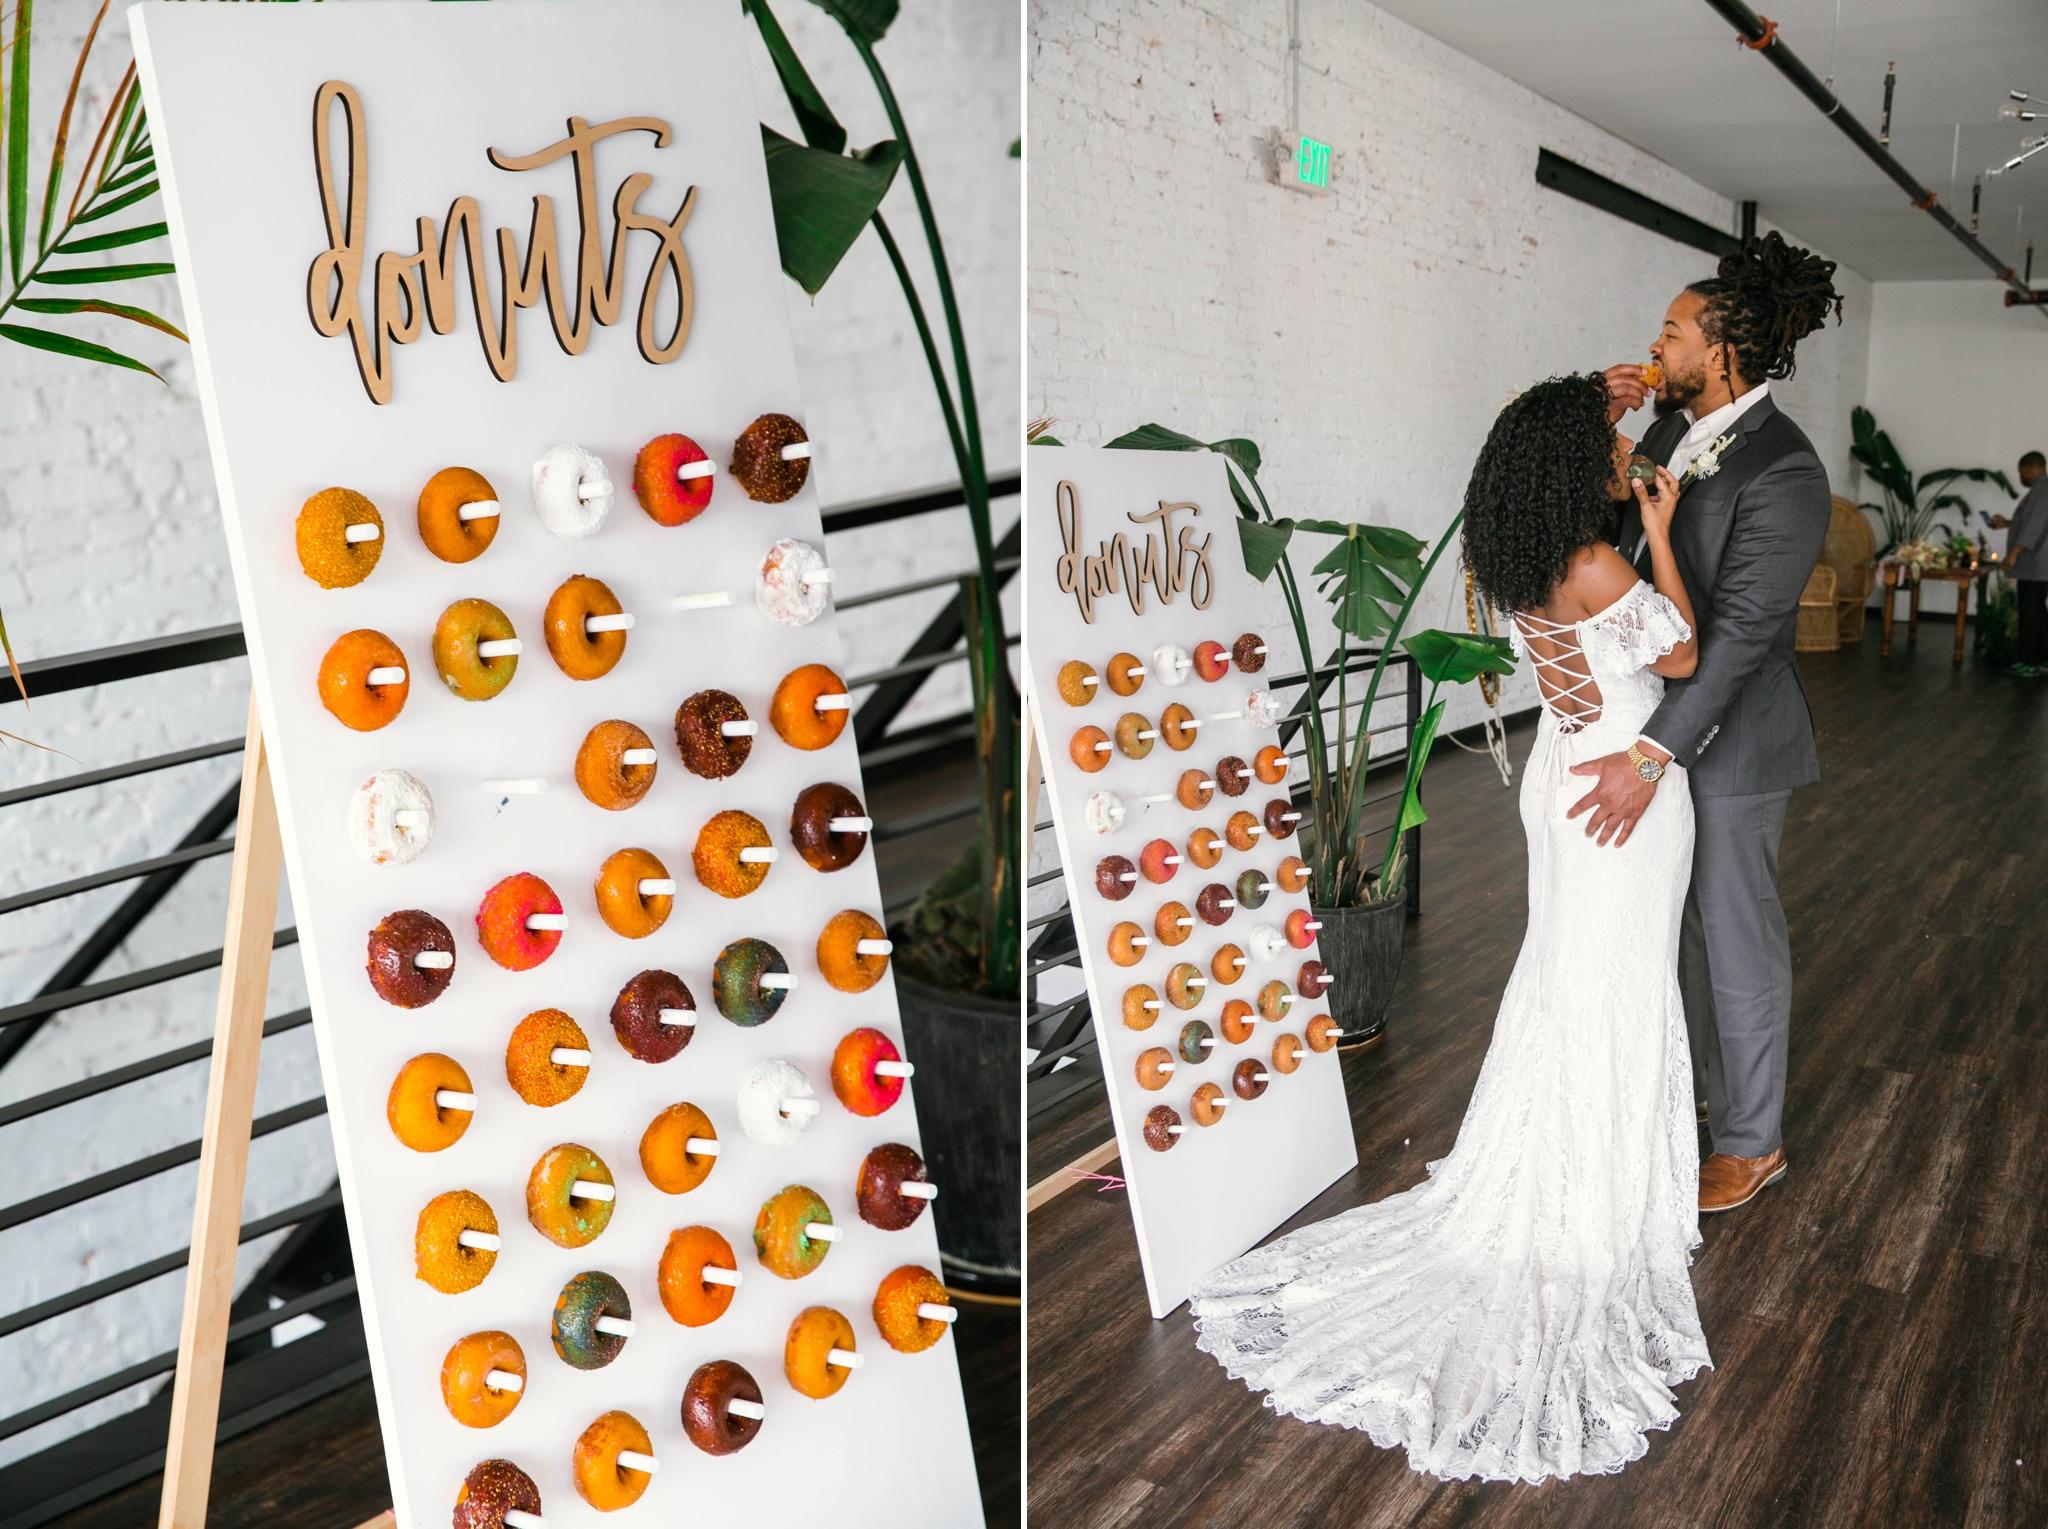 Donut Wall - Wedding Desert alternatives - Tropical Wedding Inspiration - Oahu Hawaii Photographer